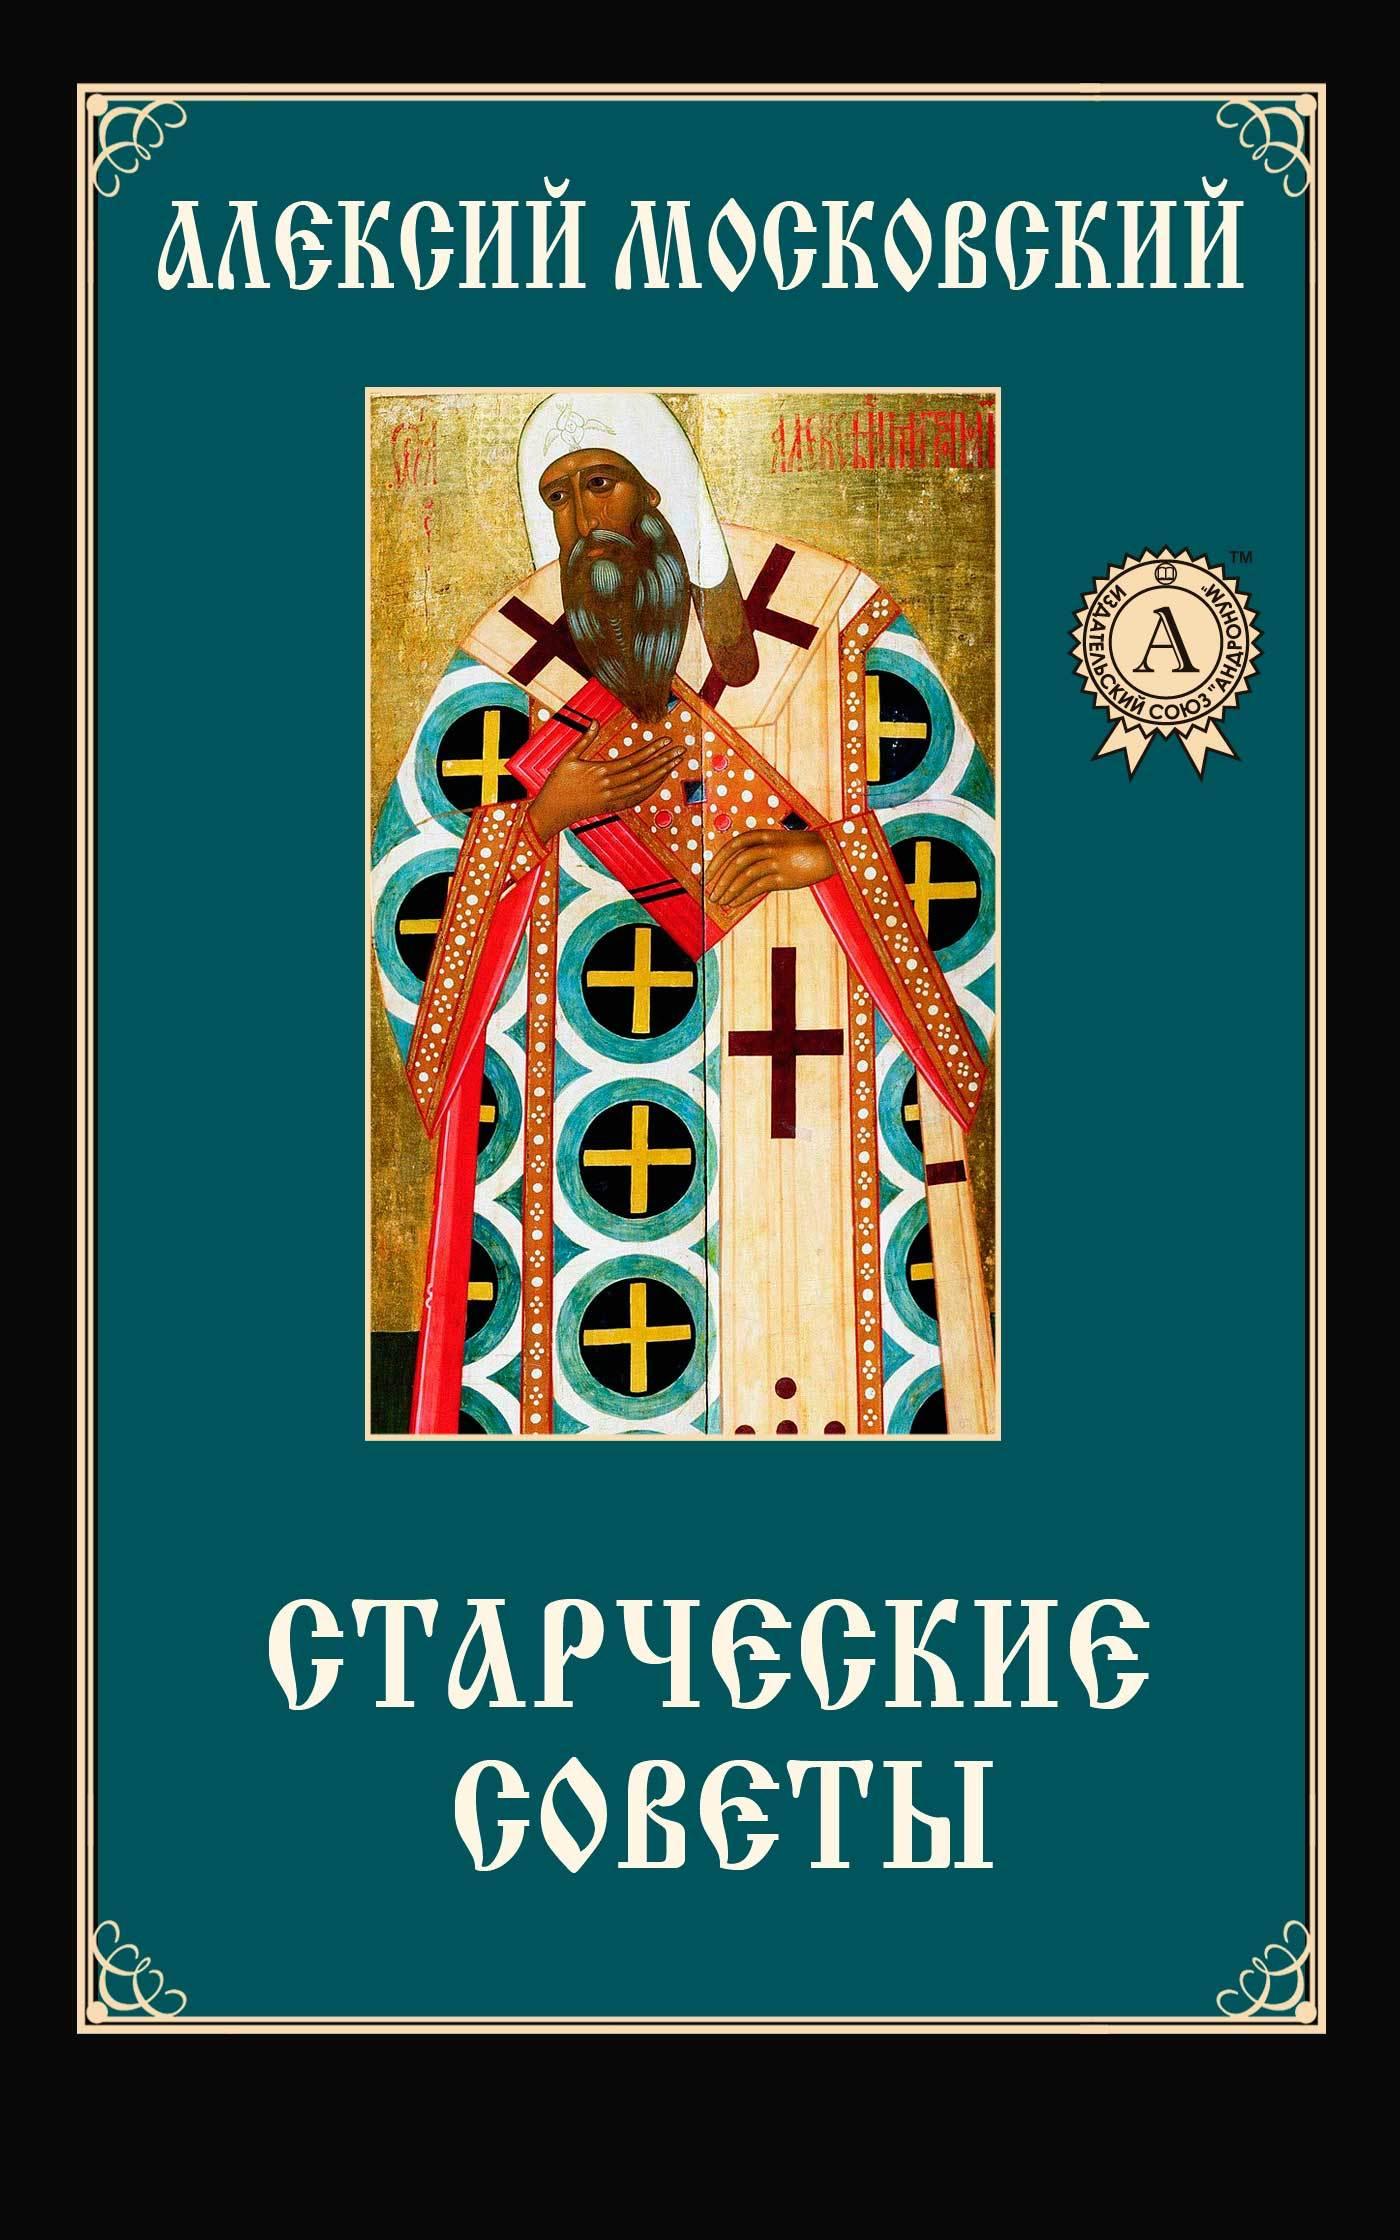 Обложка книги Старческие советы, автор Святитель, Алексий Московский